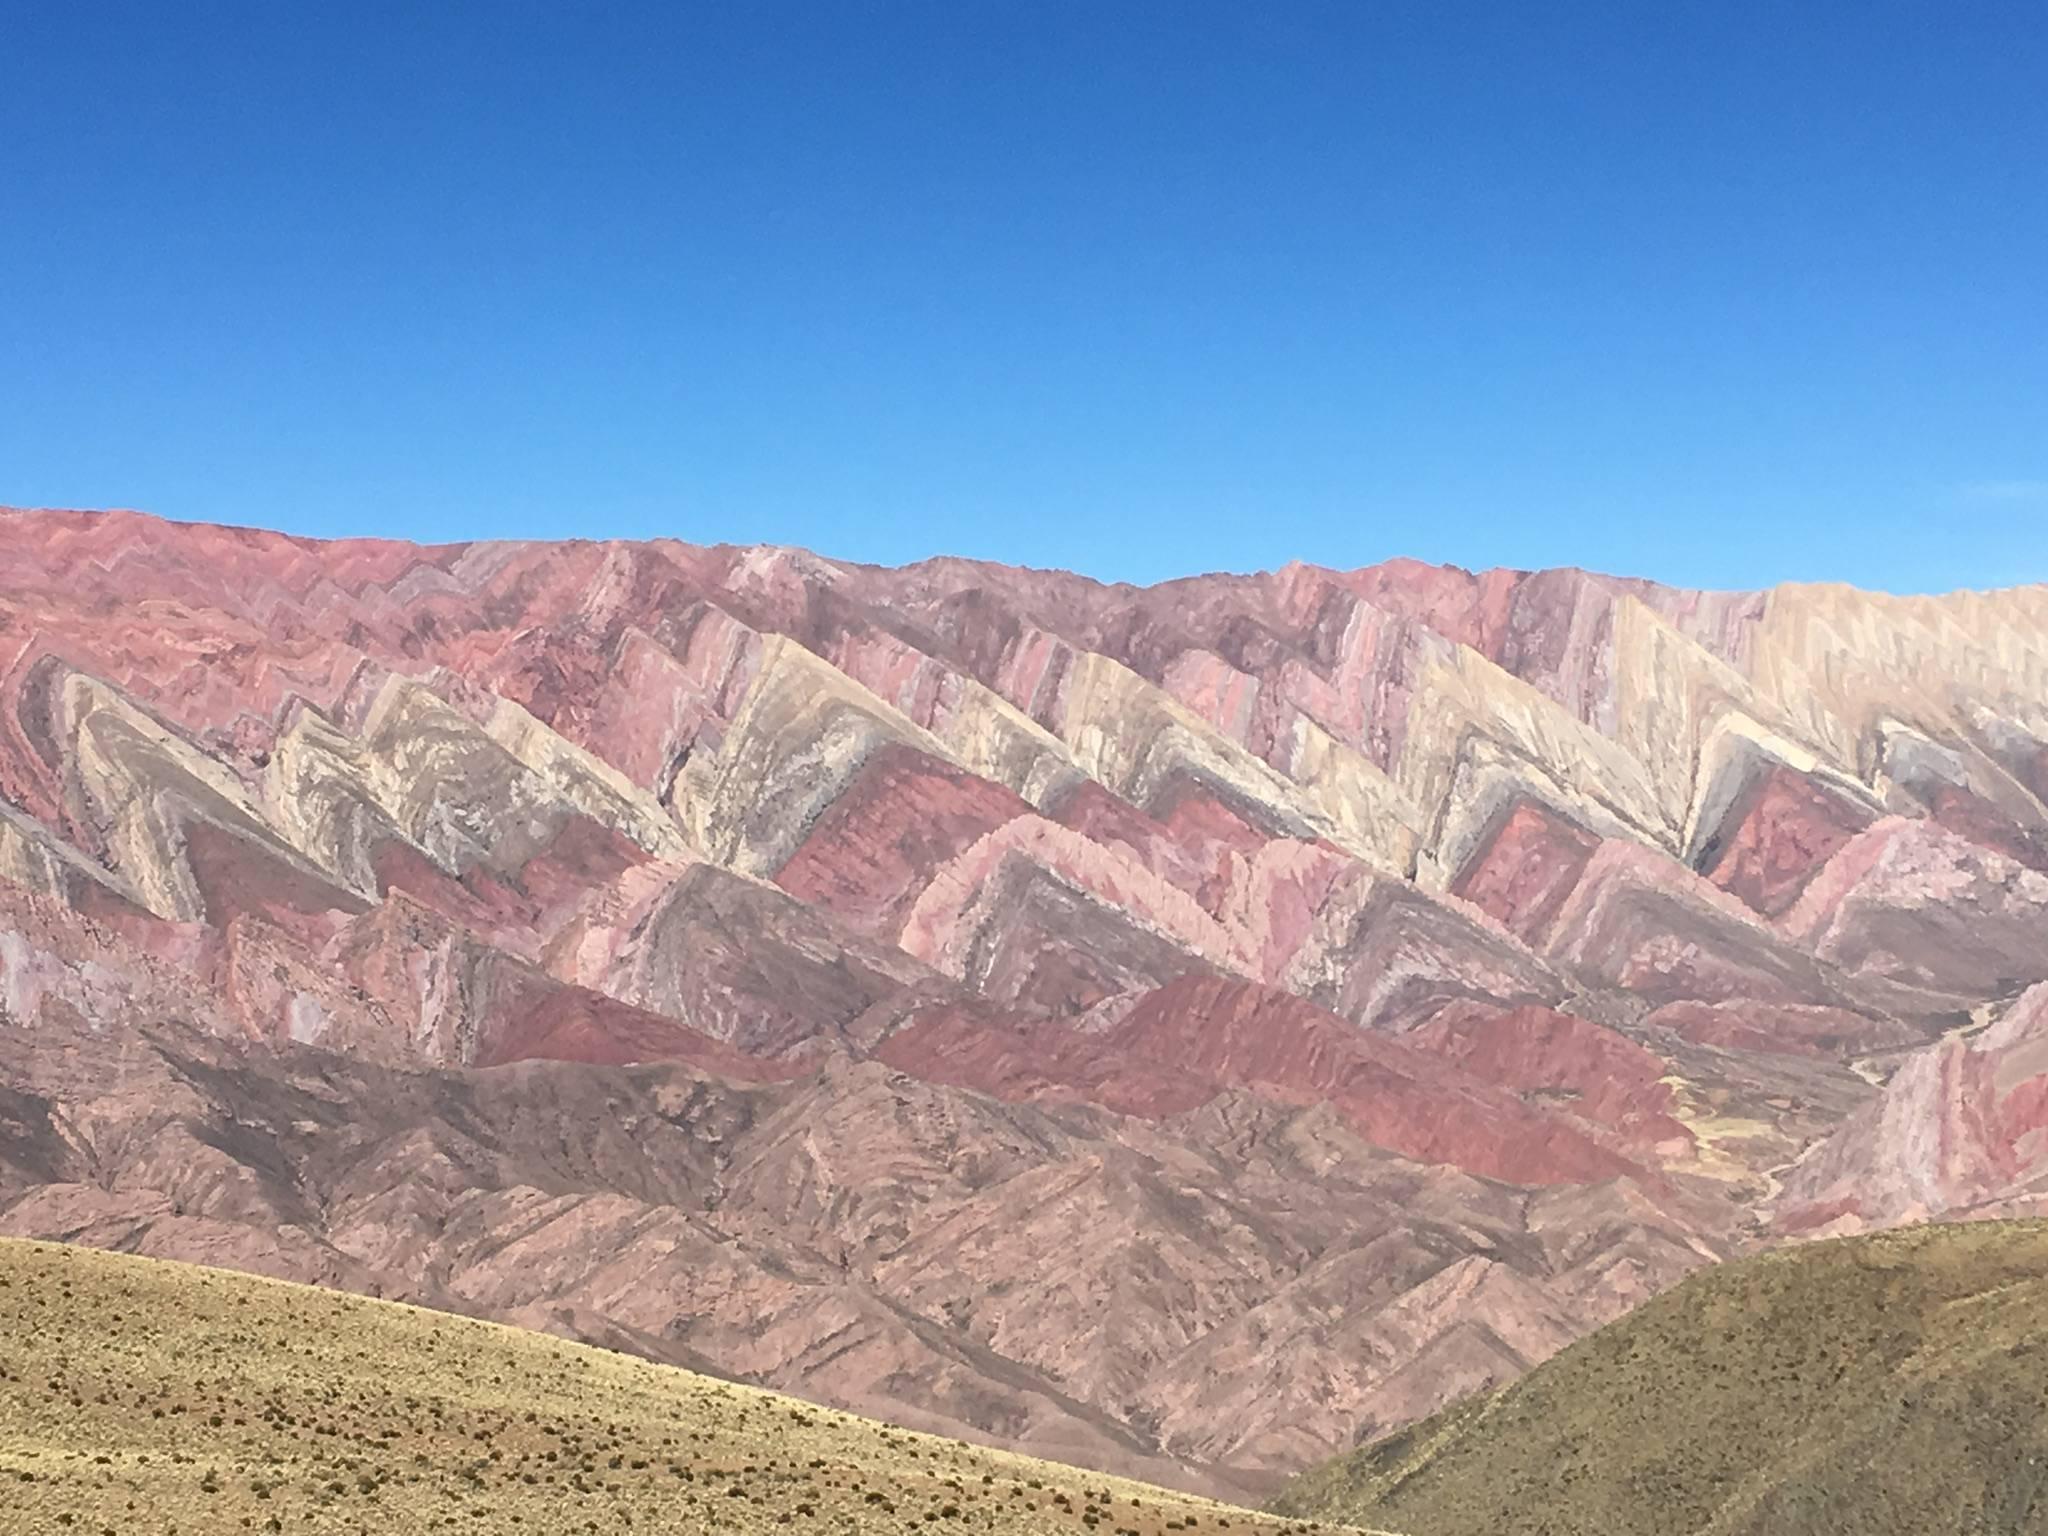 Photo 1: Humahuaca